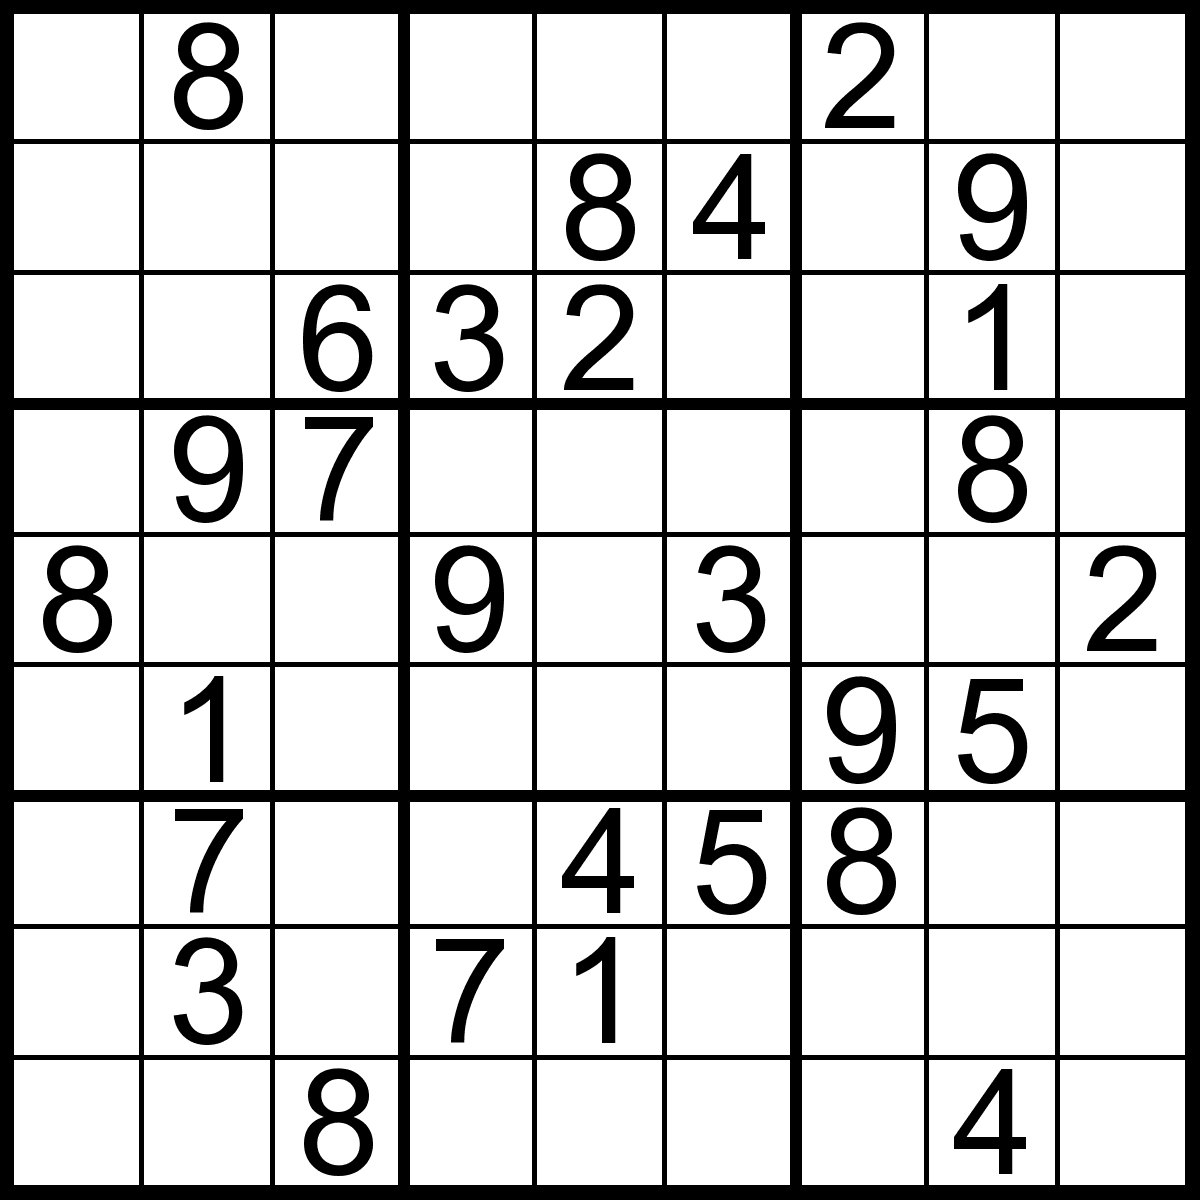 Sudoku 3x3 Printable